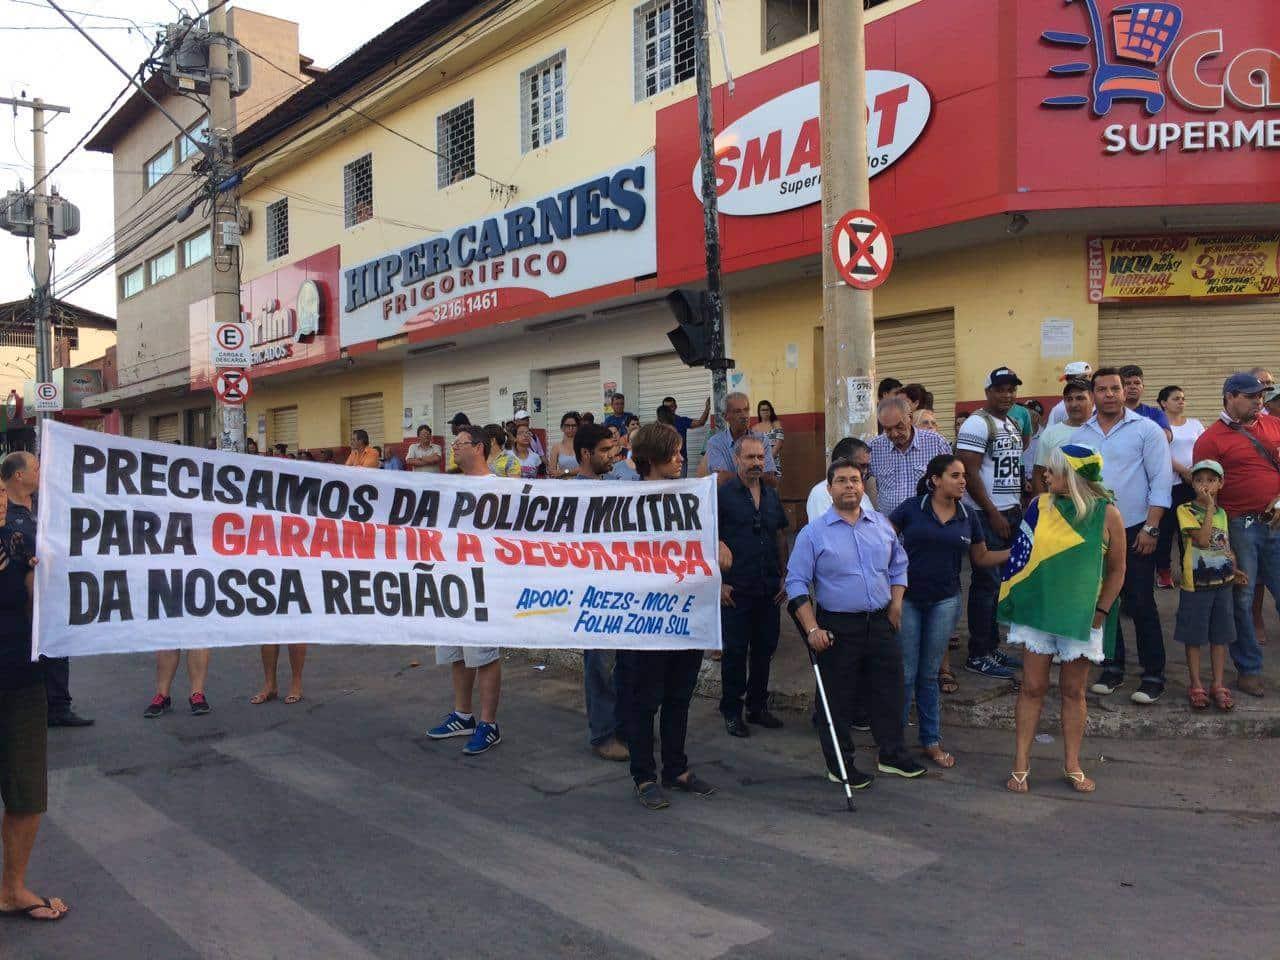 Montes Claros - Vereadores lutam pela permanência da 67ª Companhia da PM no Major Prates - Foto: Thiago Silva